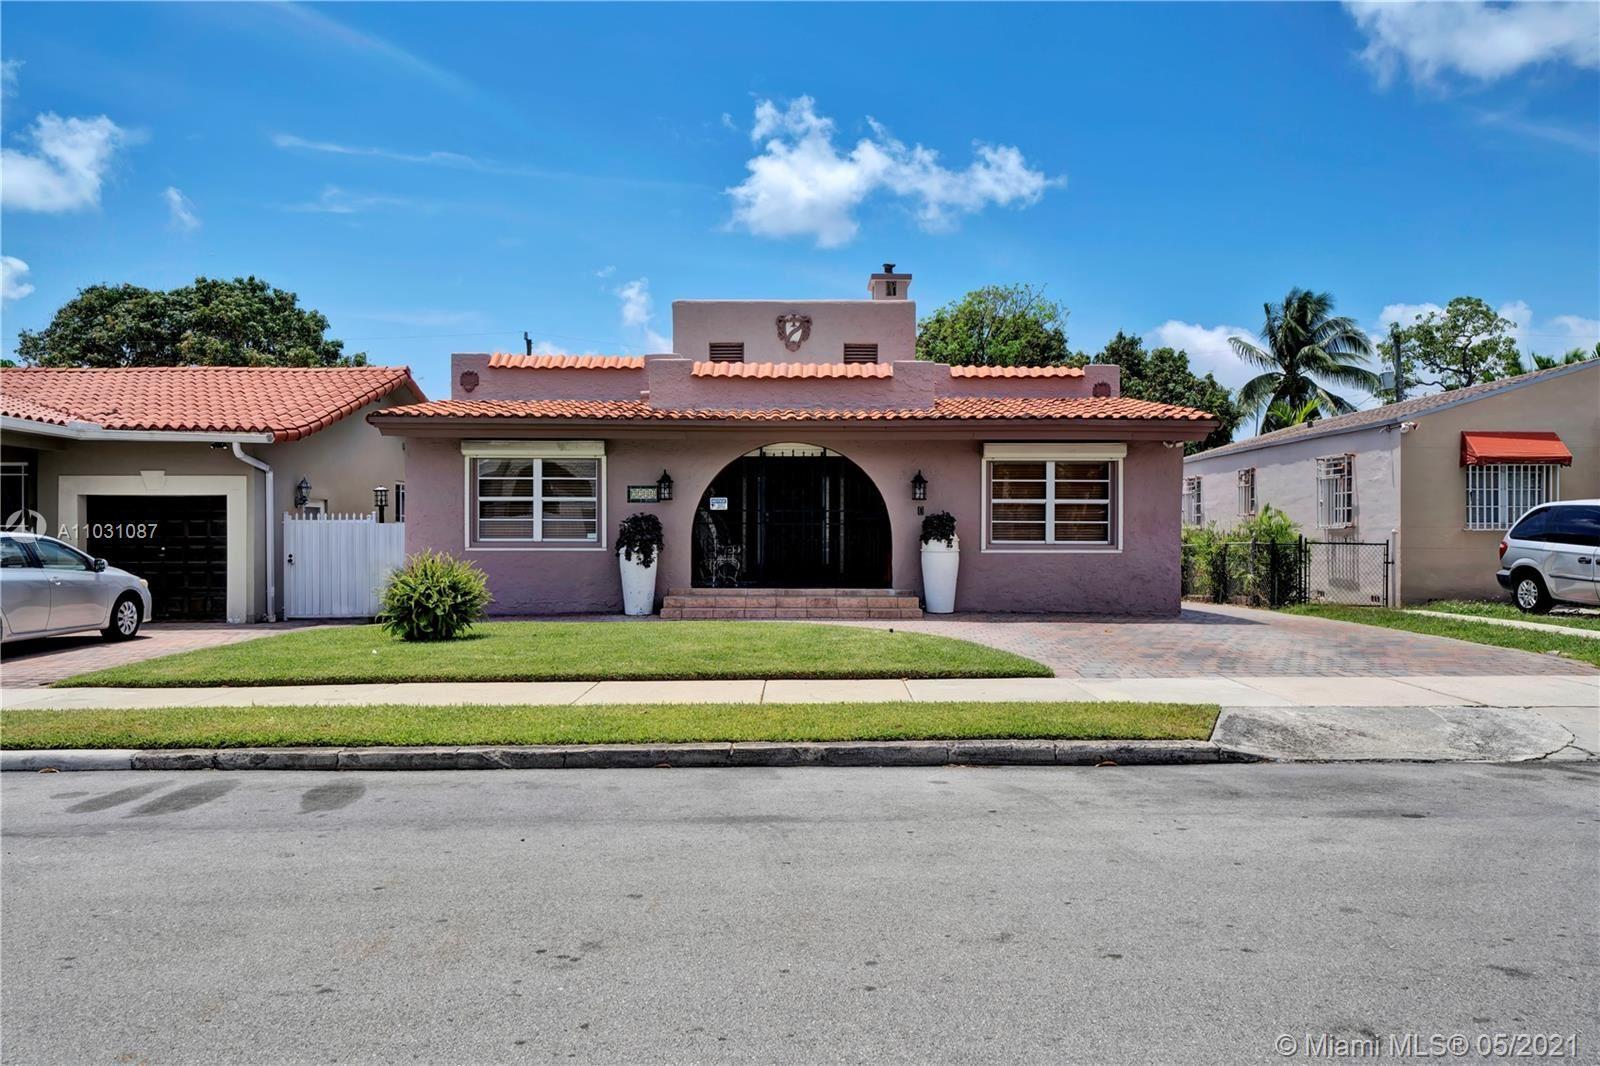 2244 SW 16th Ter, Miami, FL 33145 - #: A11031087